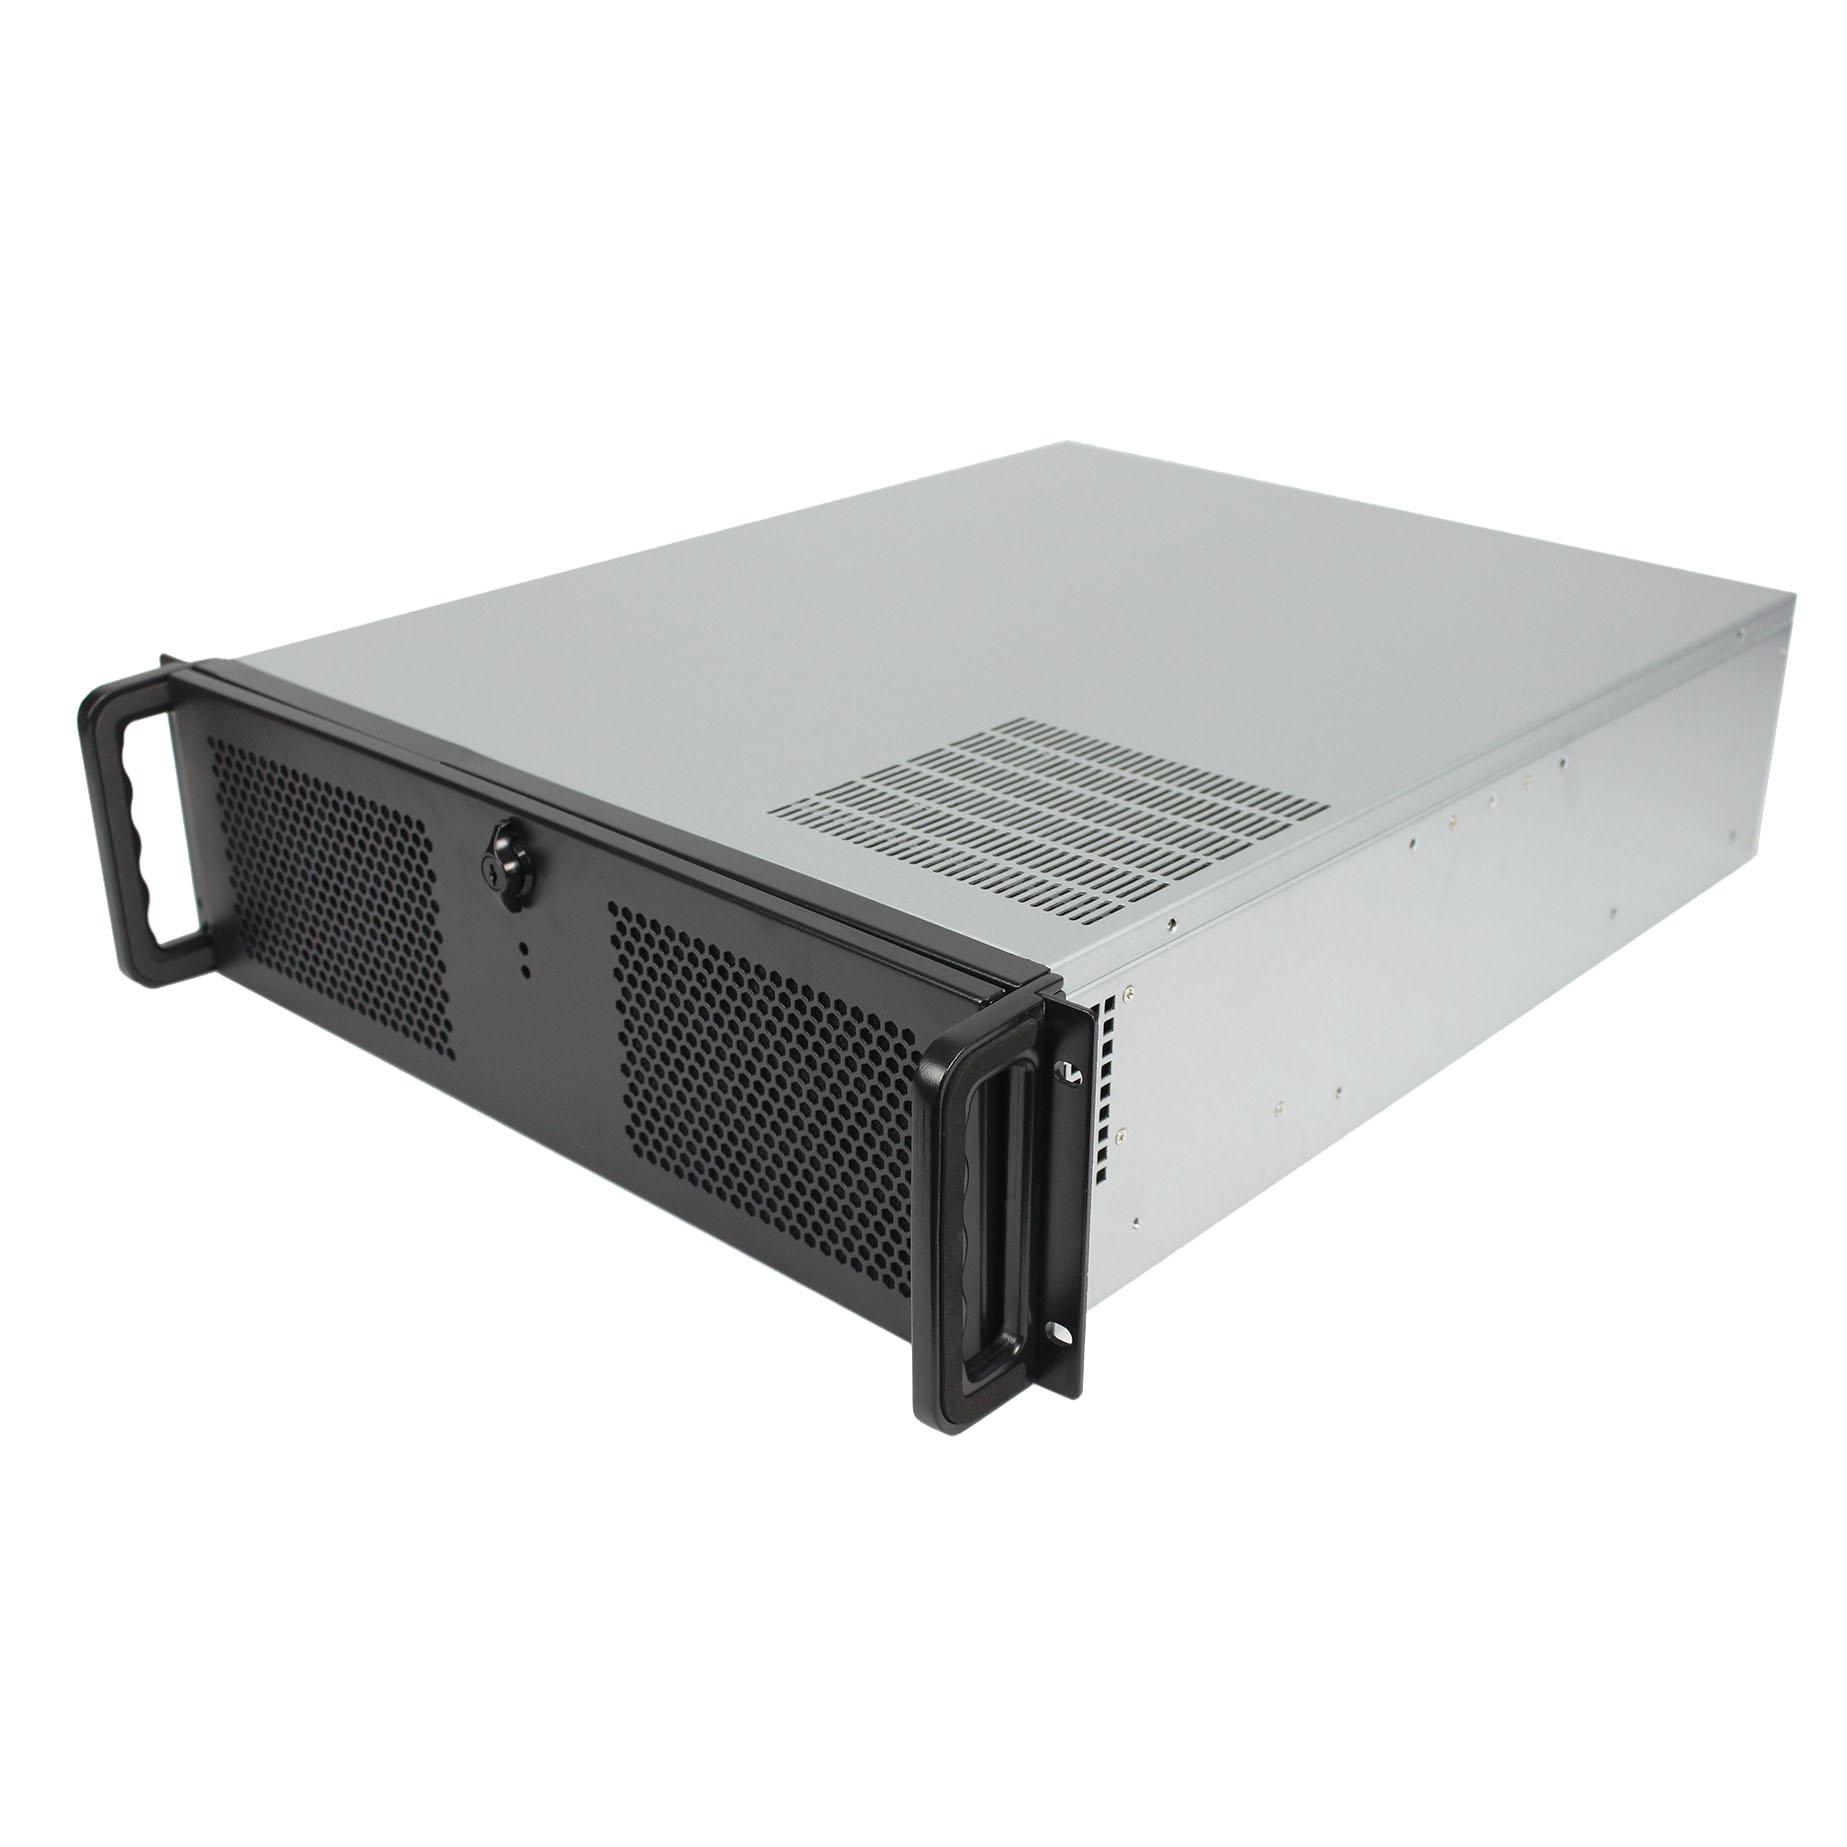 Серверный корпус 3U NR-N355-2D 850Вт (EATX 12x13, 4x5.25ext, 6x3.5int, 550мм)черный,NegoRack